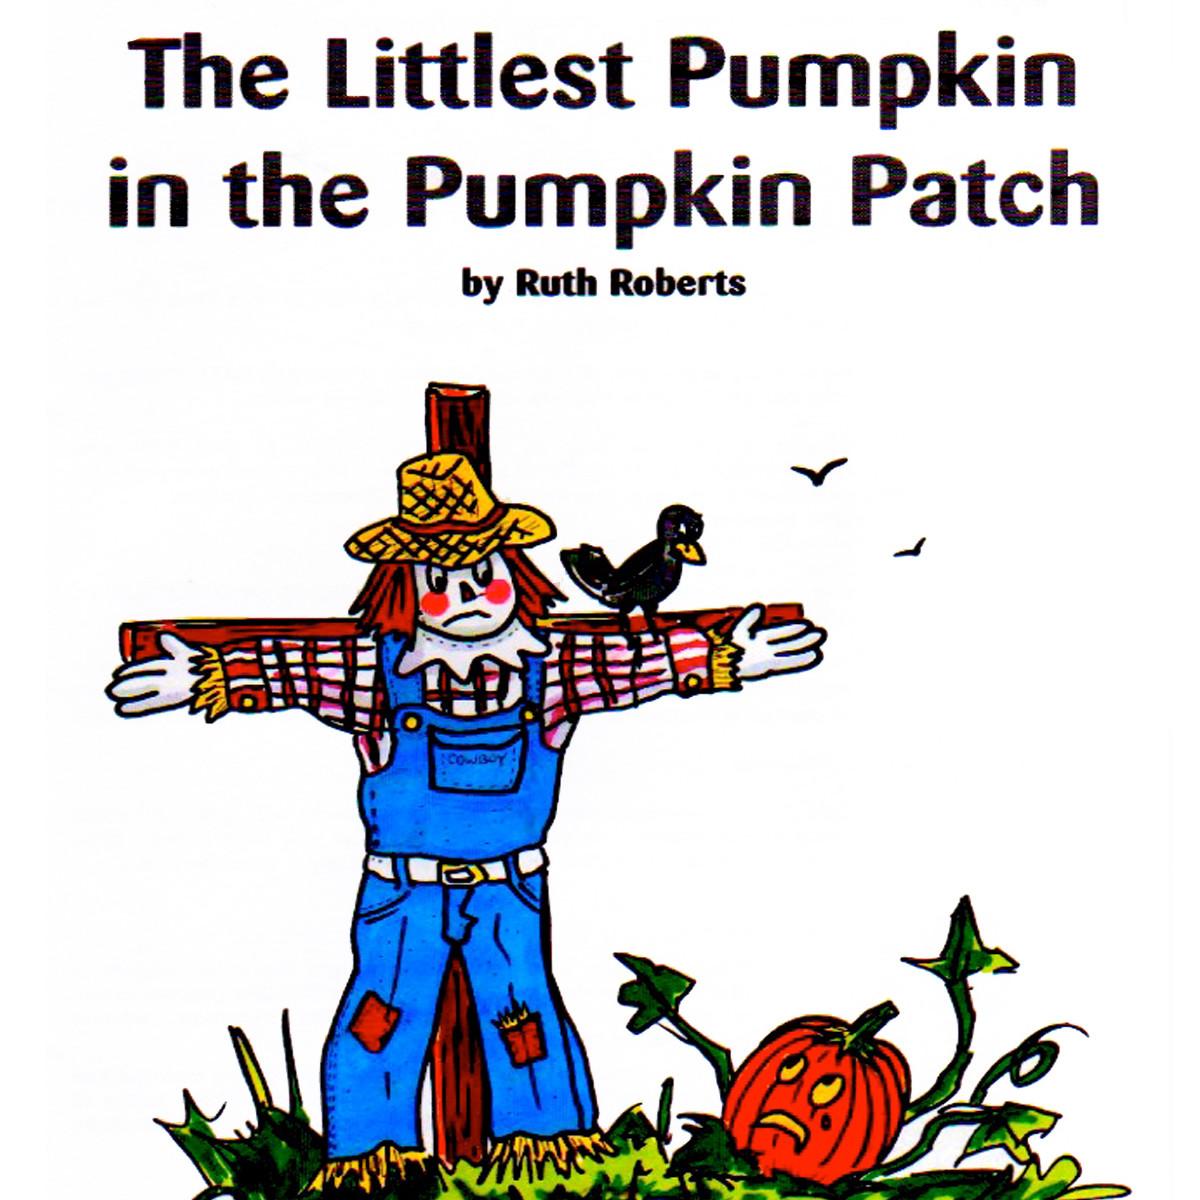 The Littlest Pumpkin in the Pumpkin Patch - Book/CD